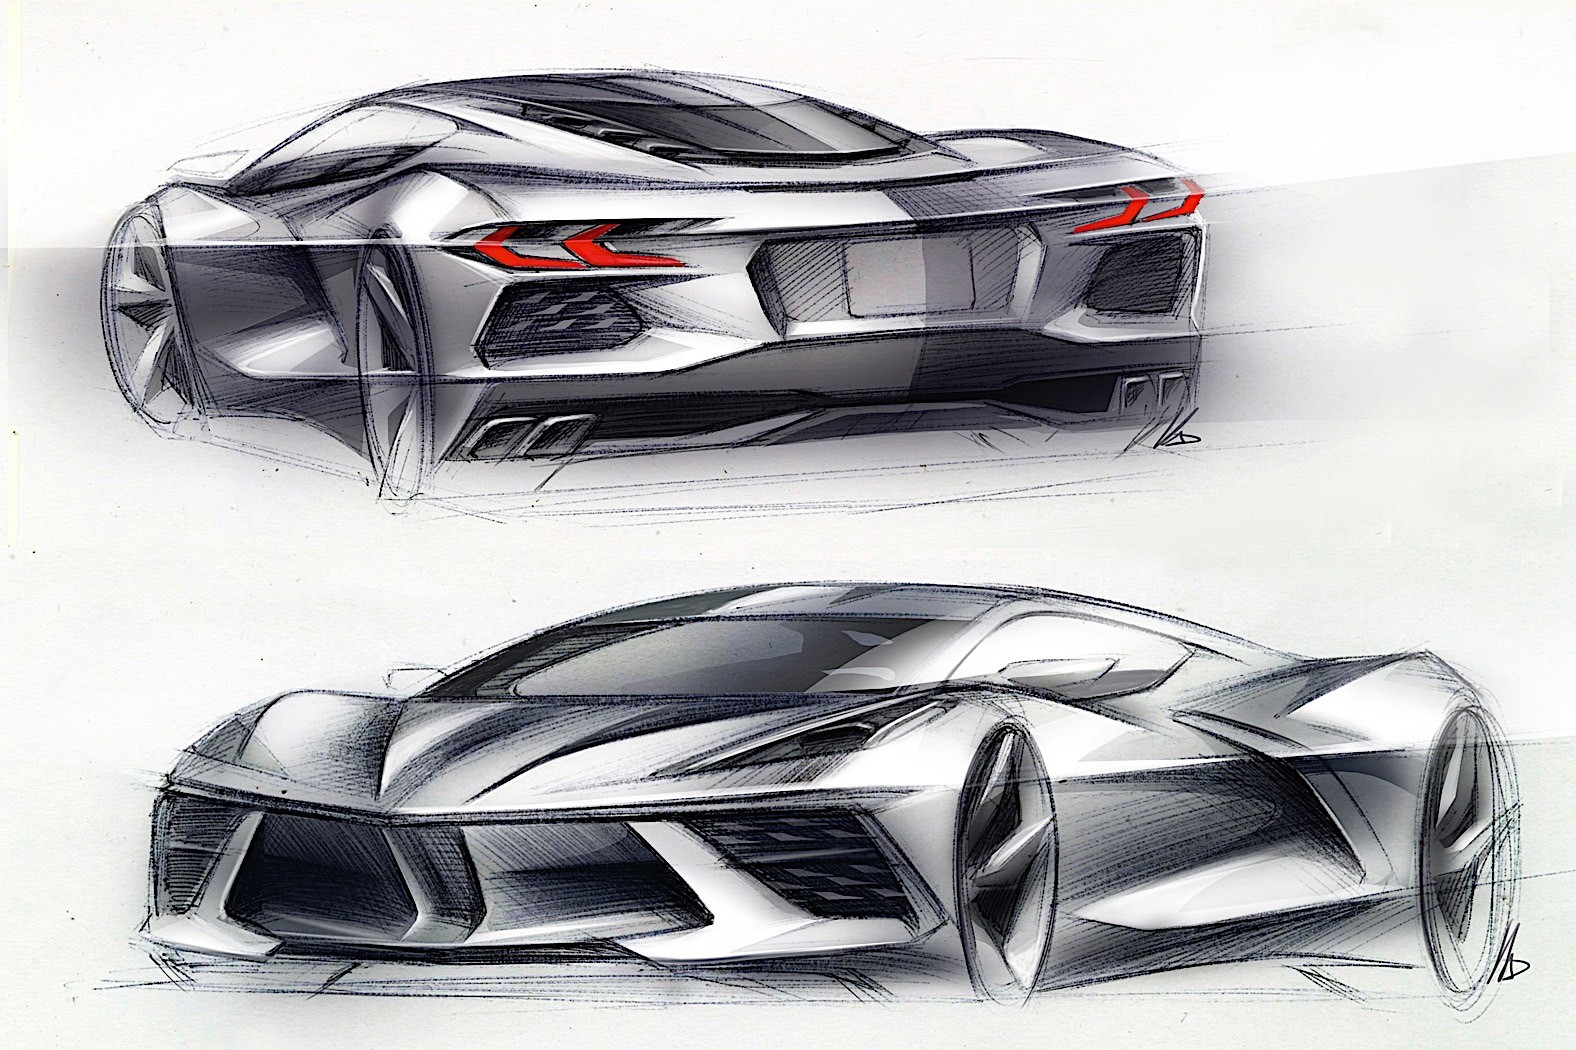 Z51 Performance Package for 2020 Chevrolet Corvette Makes ...